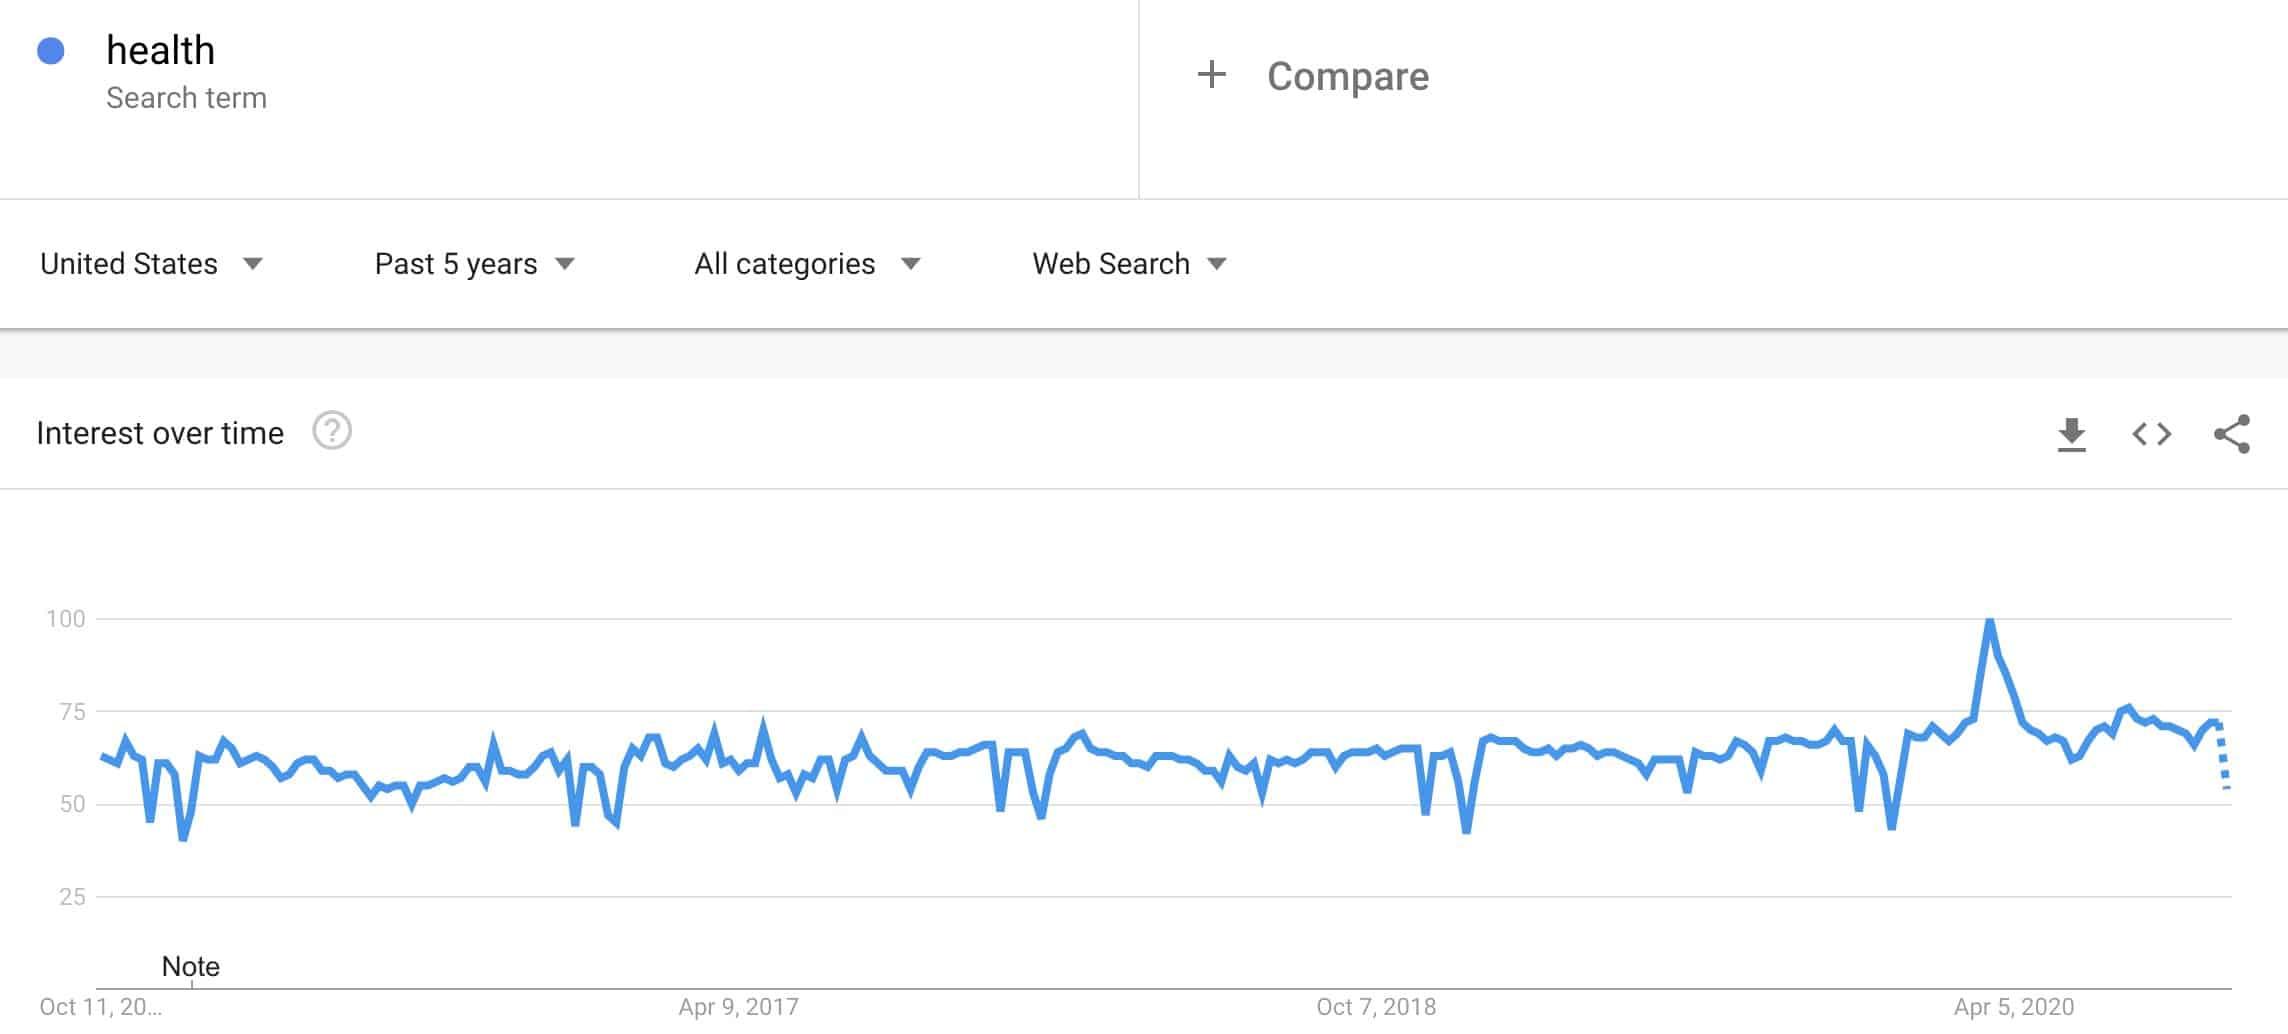 health niche trend